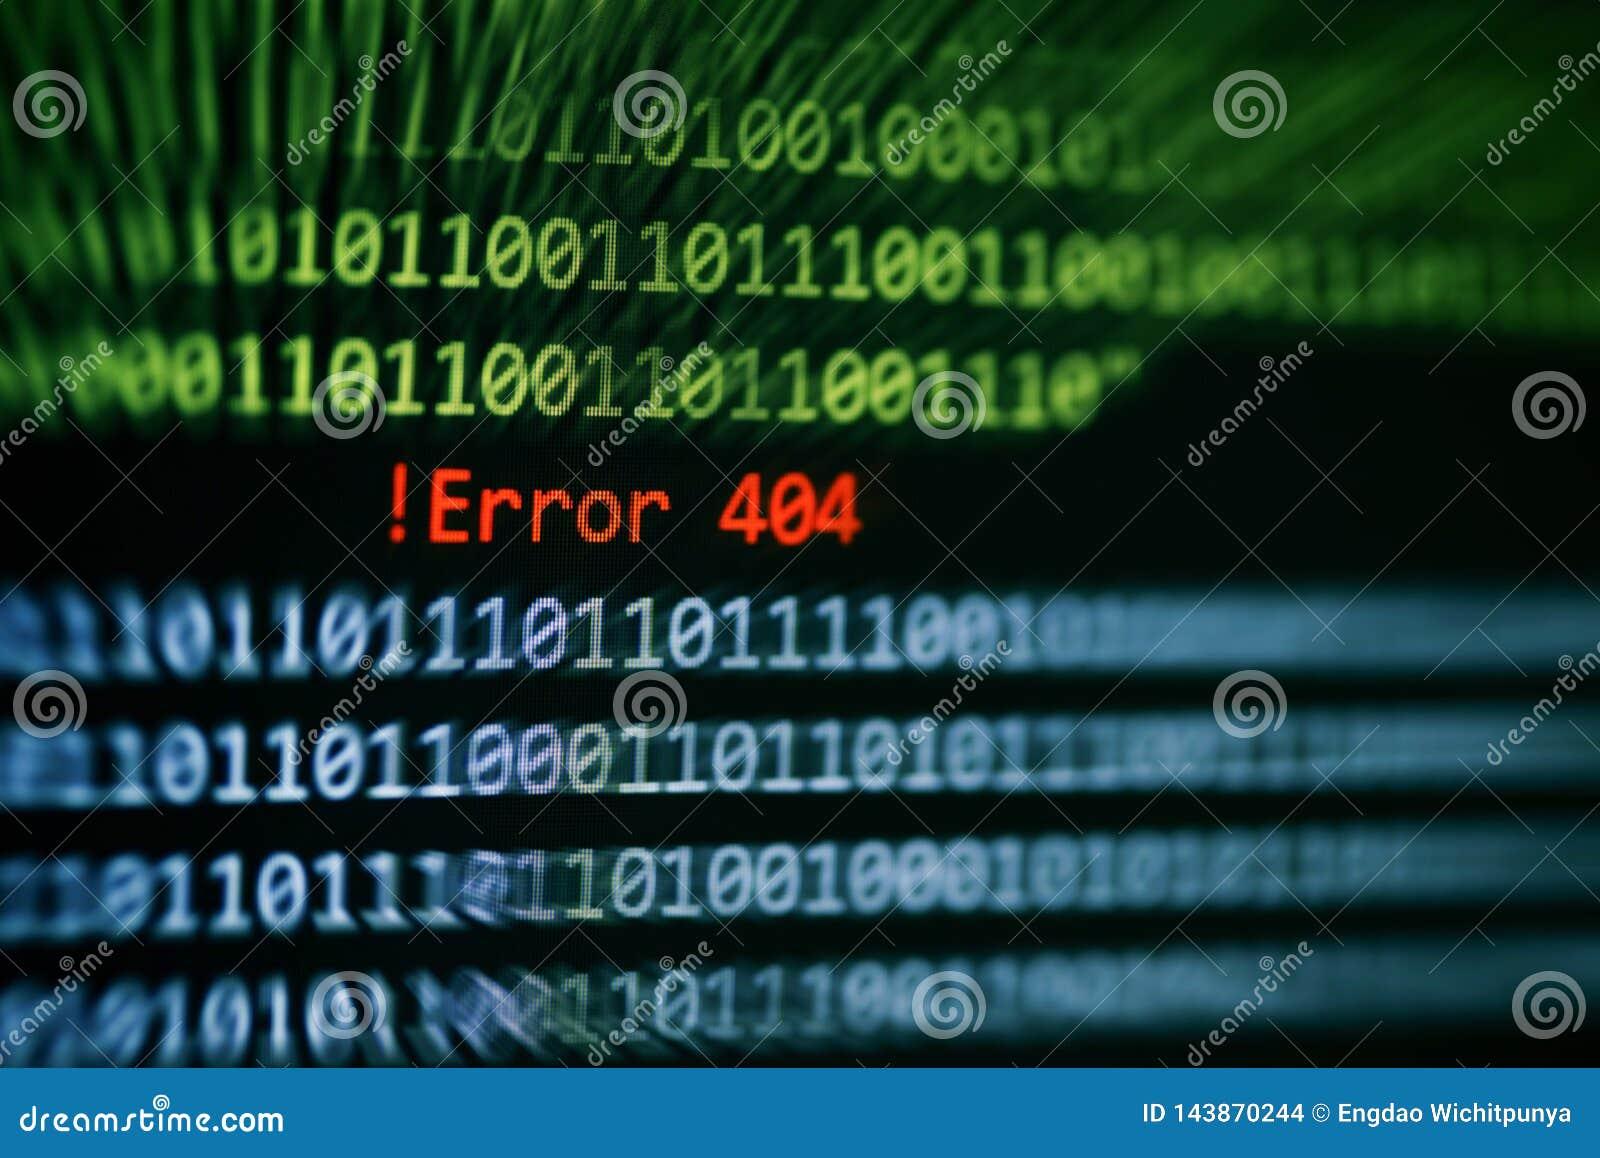 De gegevensalarm van het technologie binair codenummer! Fout 404 bericht op het vertoningsscherm/van het het systeemprobleem van